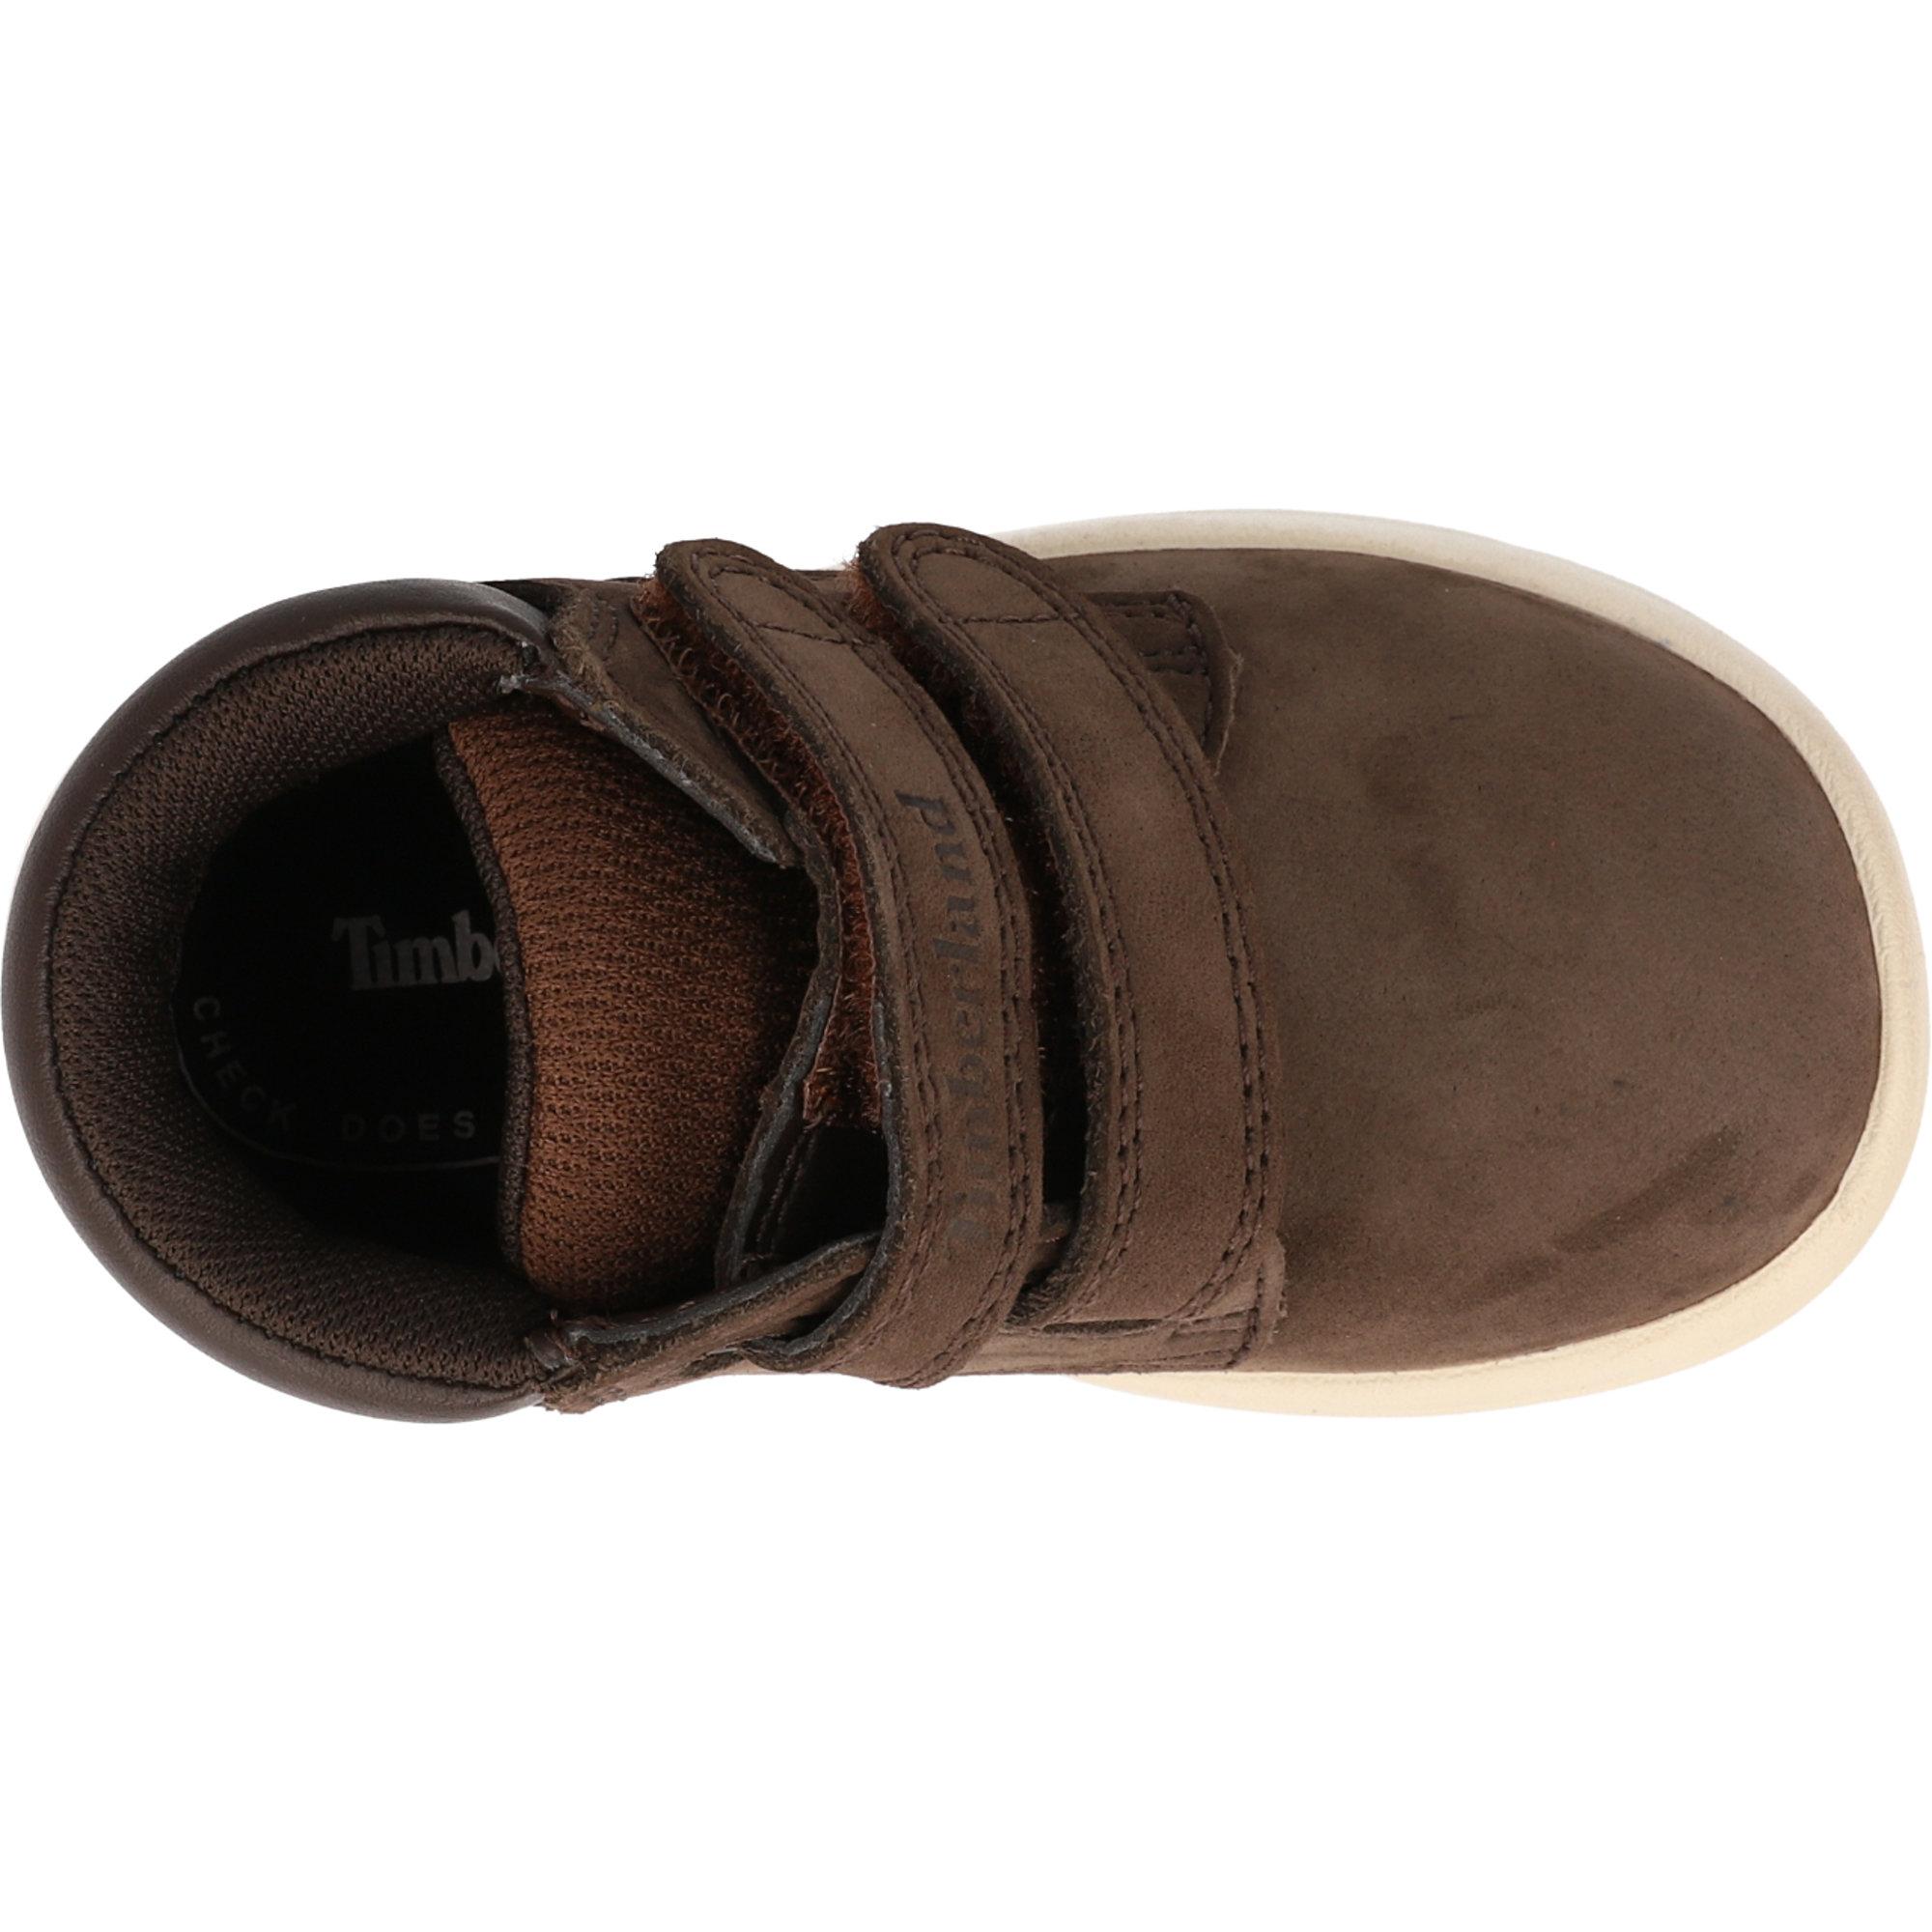 Timberland Toddle Tracks Hook & Loop Dark Brown Nubuck Infant